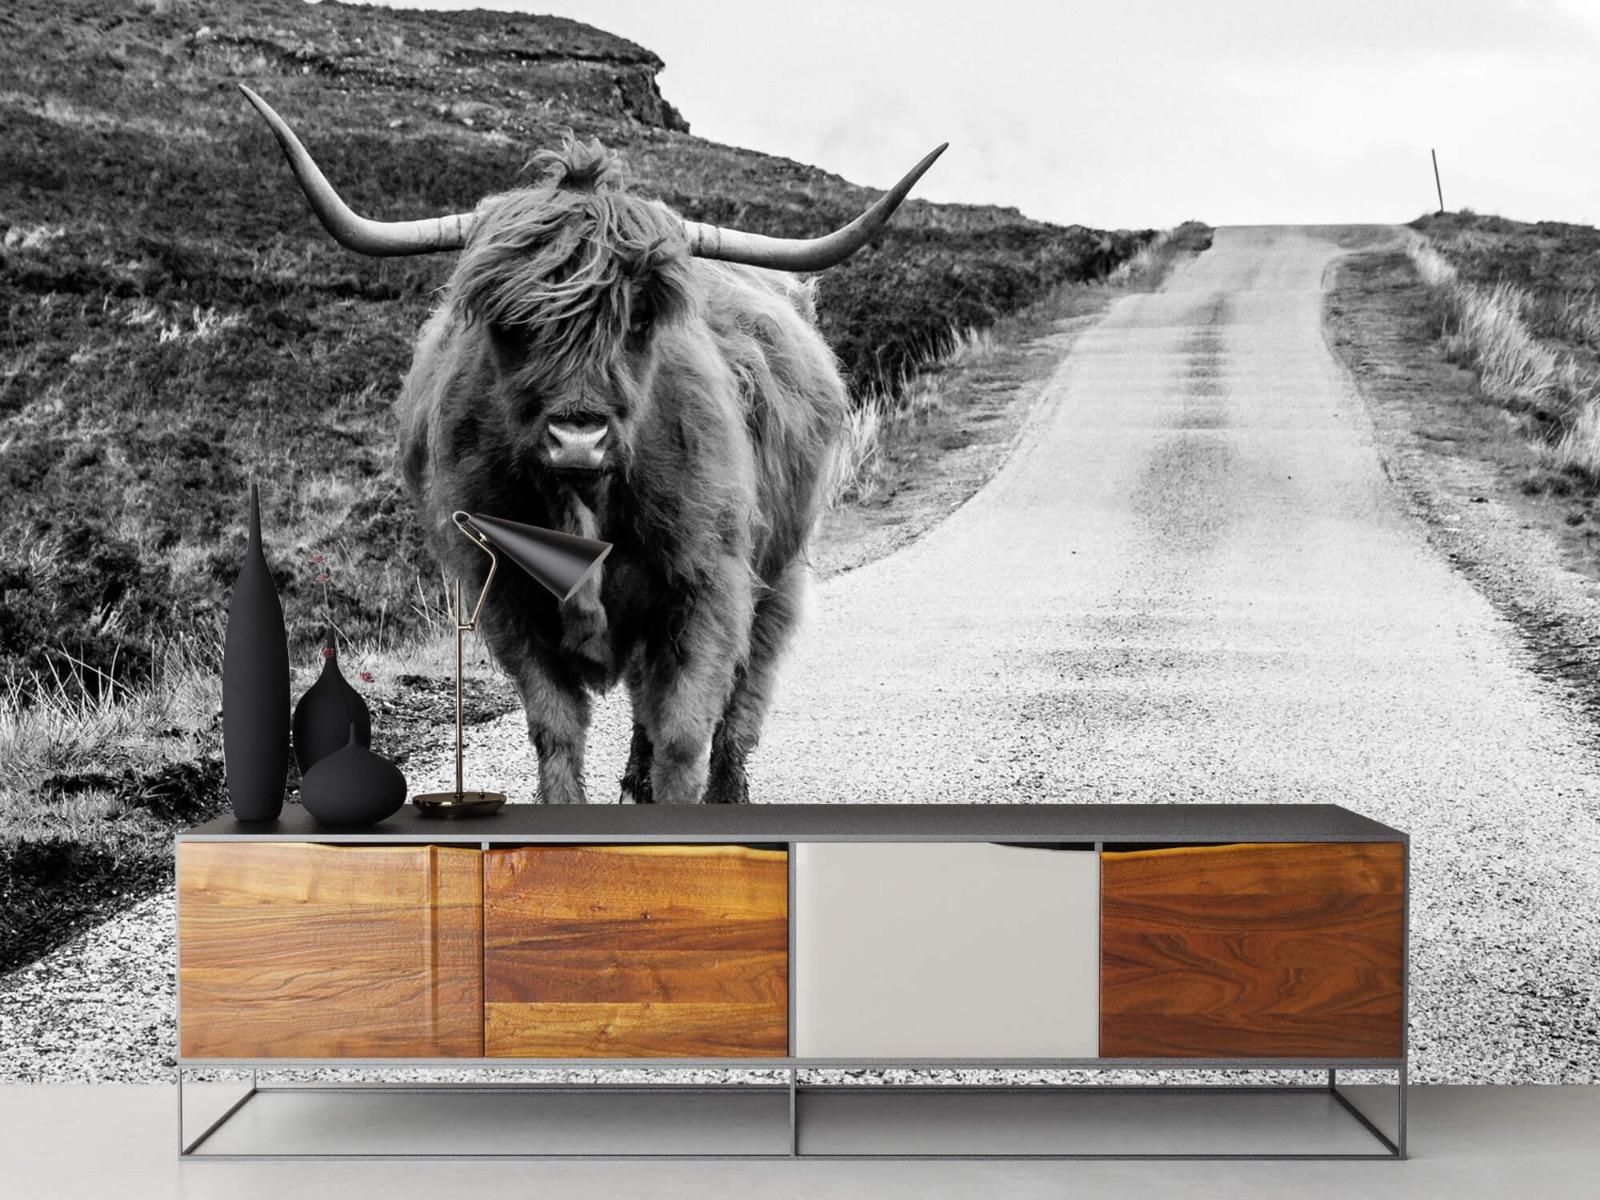 Hooglanders - Schotse hooglander op een weg - Slaapkamer 16